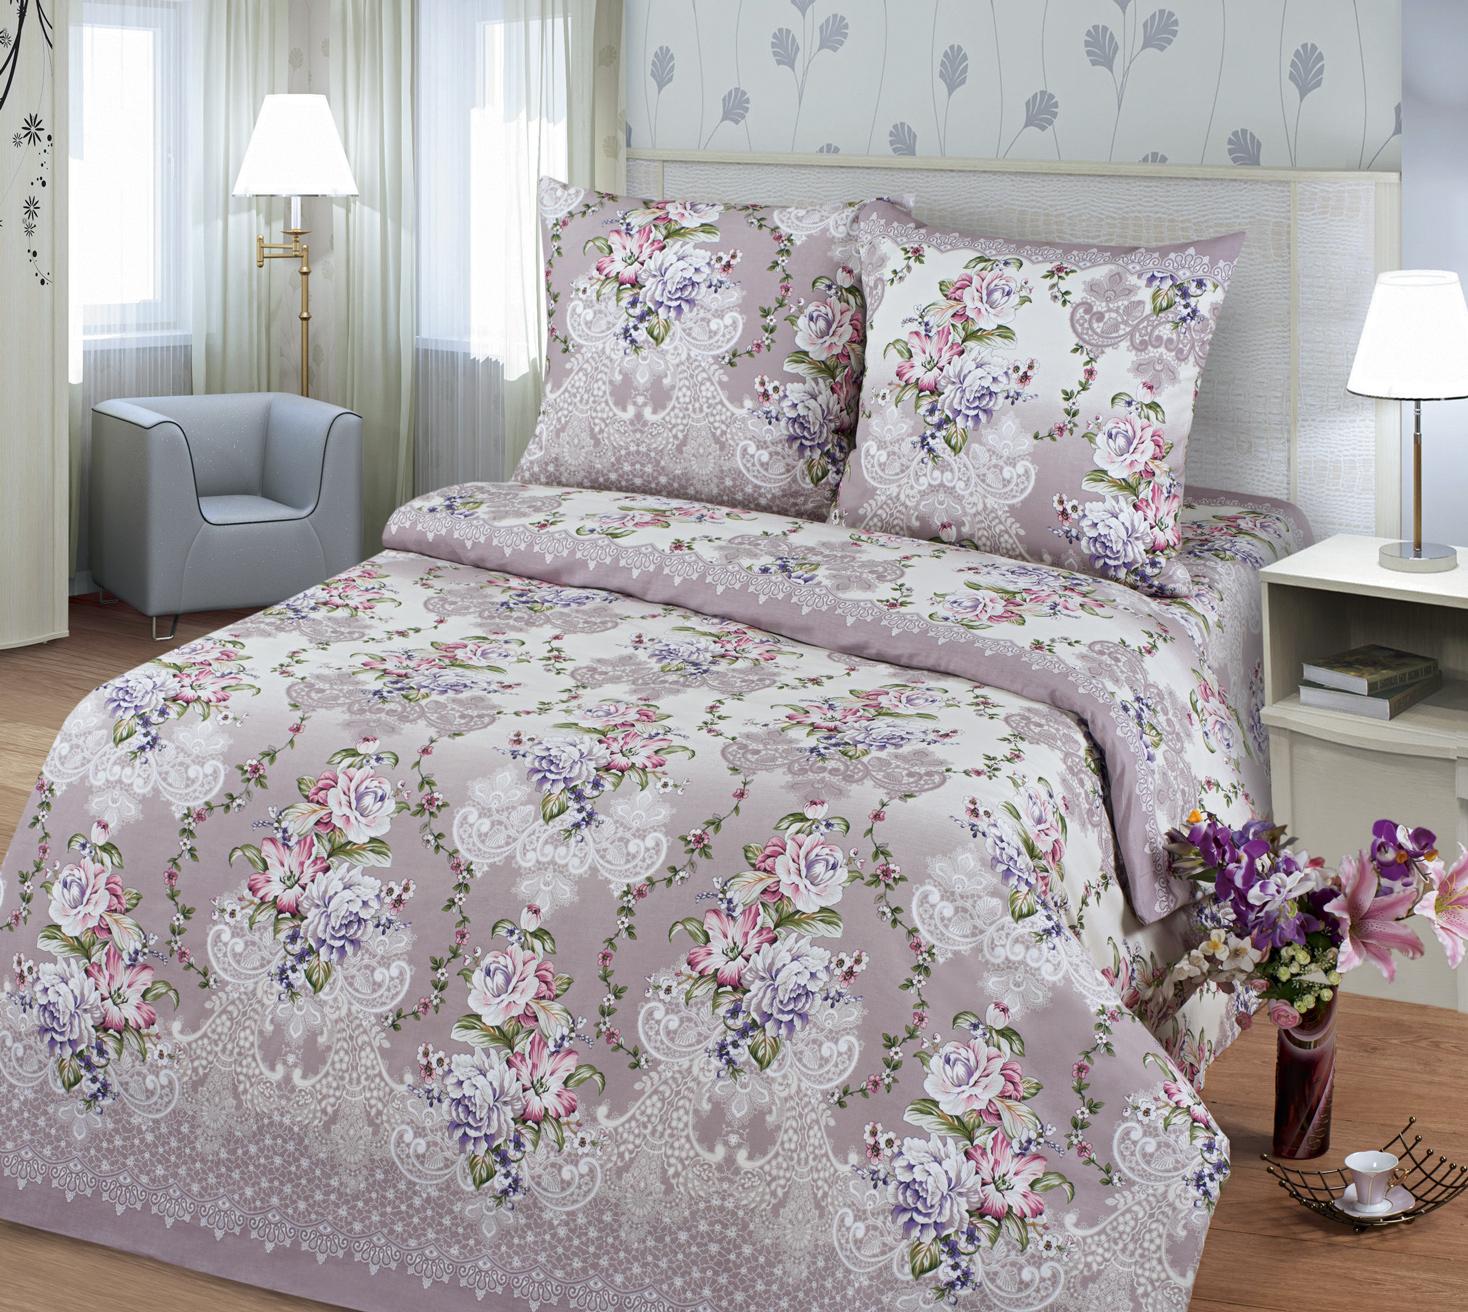 Комплекты постельного белья MILANIKA mnk661643